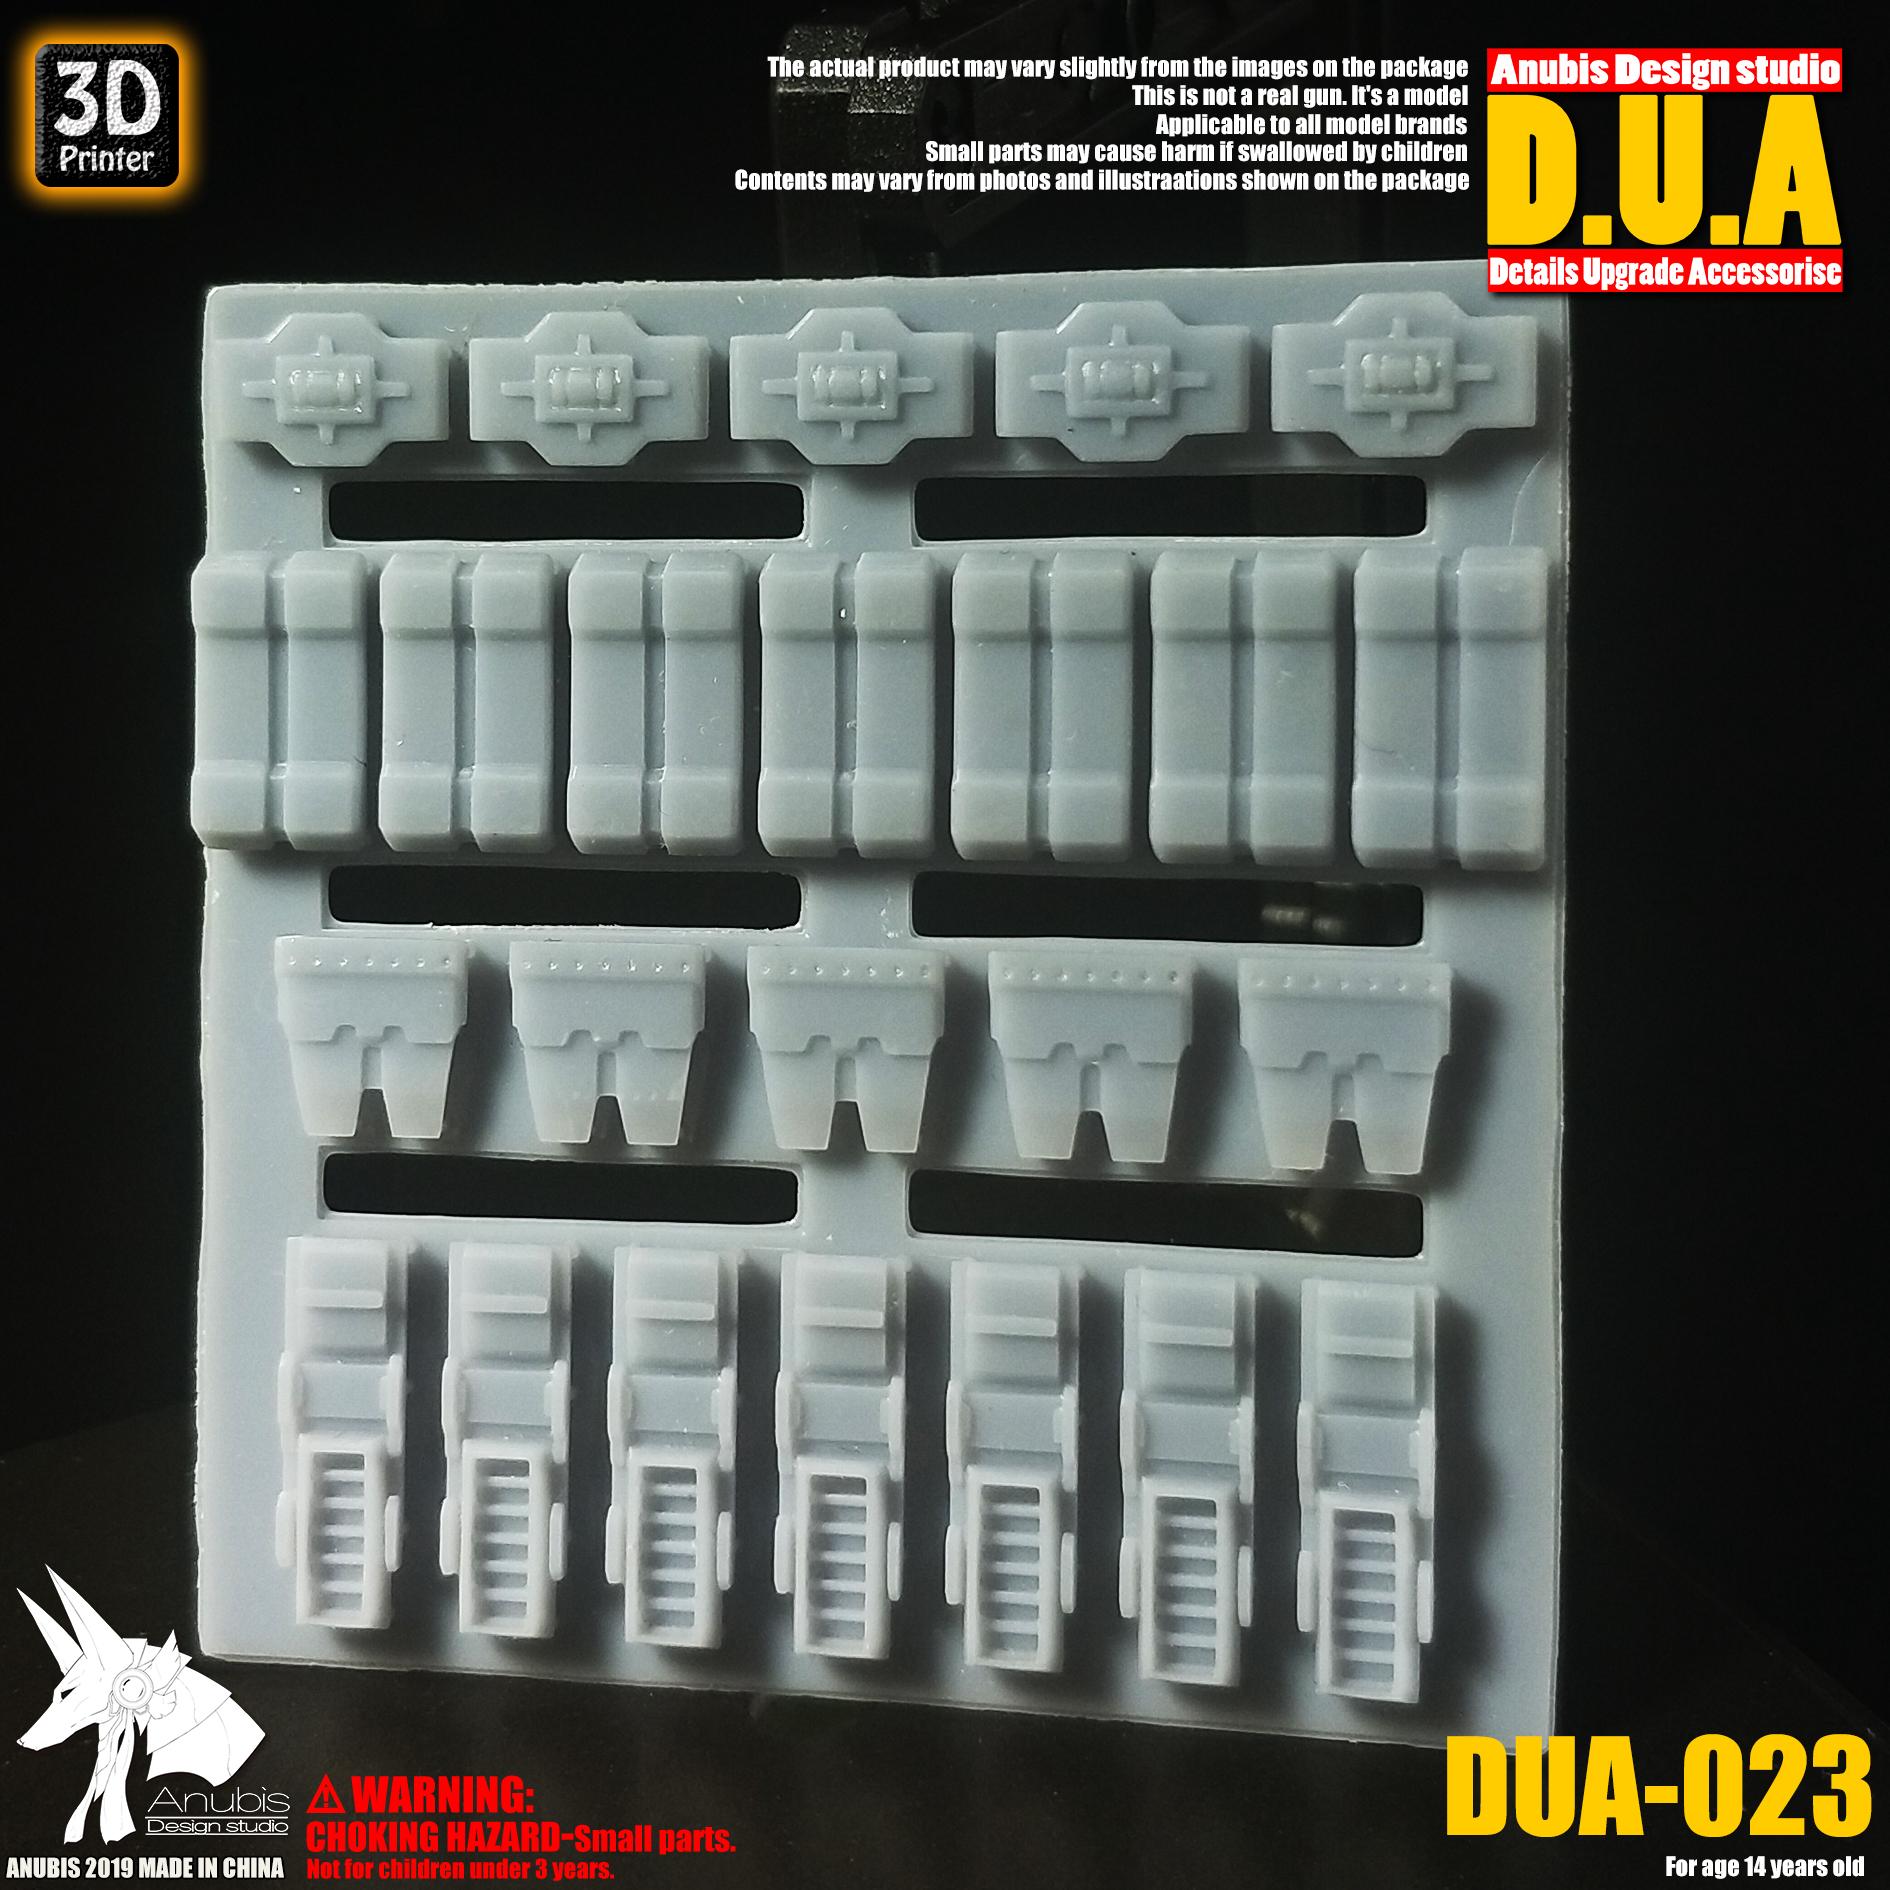 G413_DUA023_003.jpg